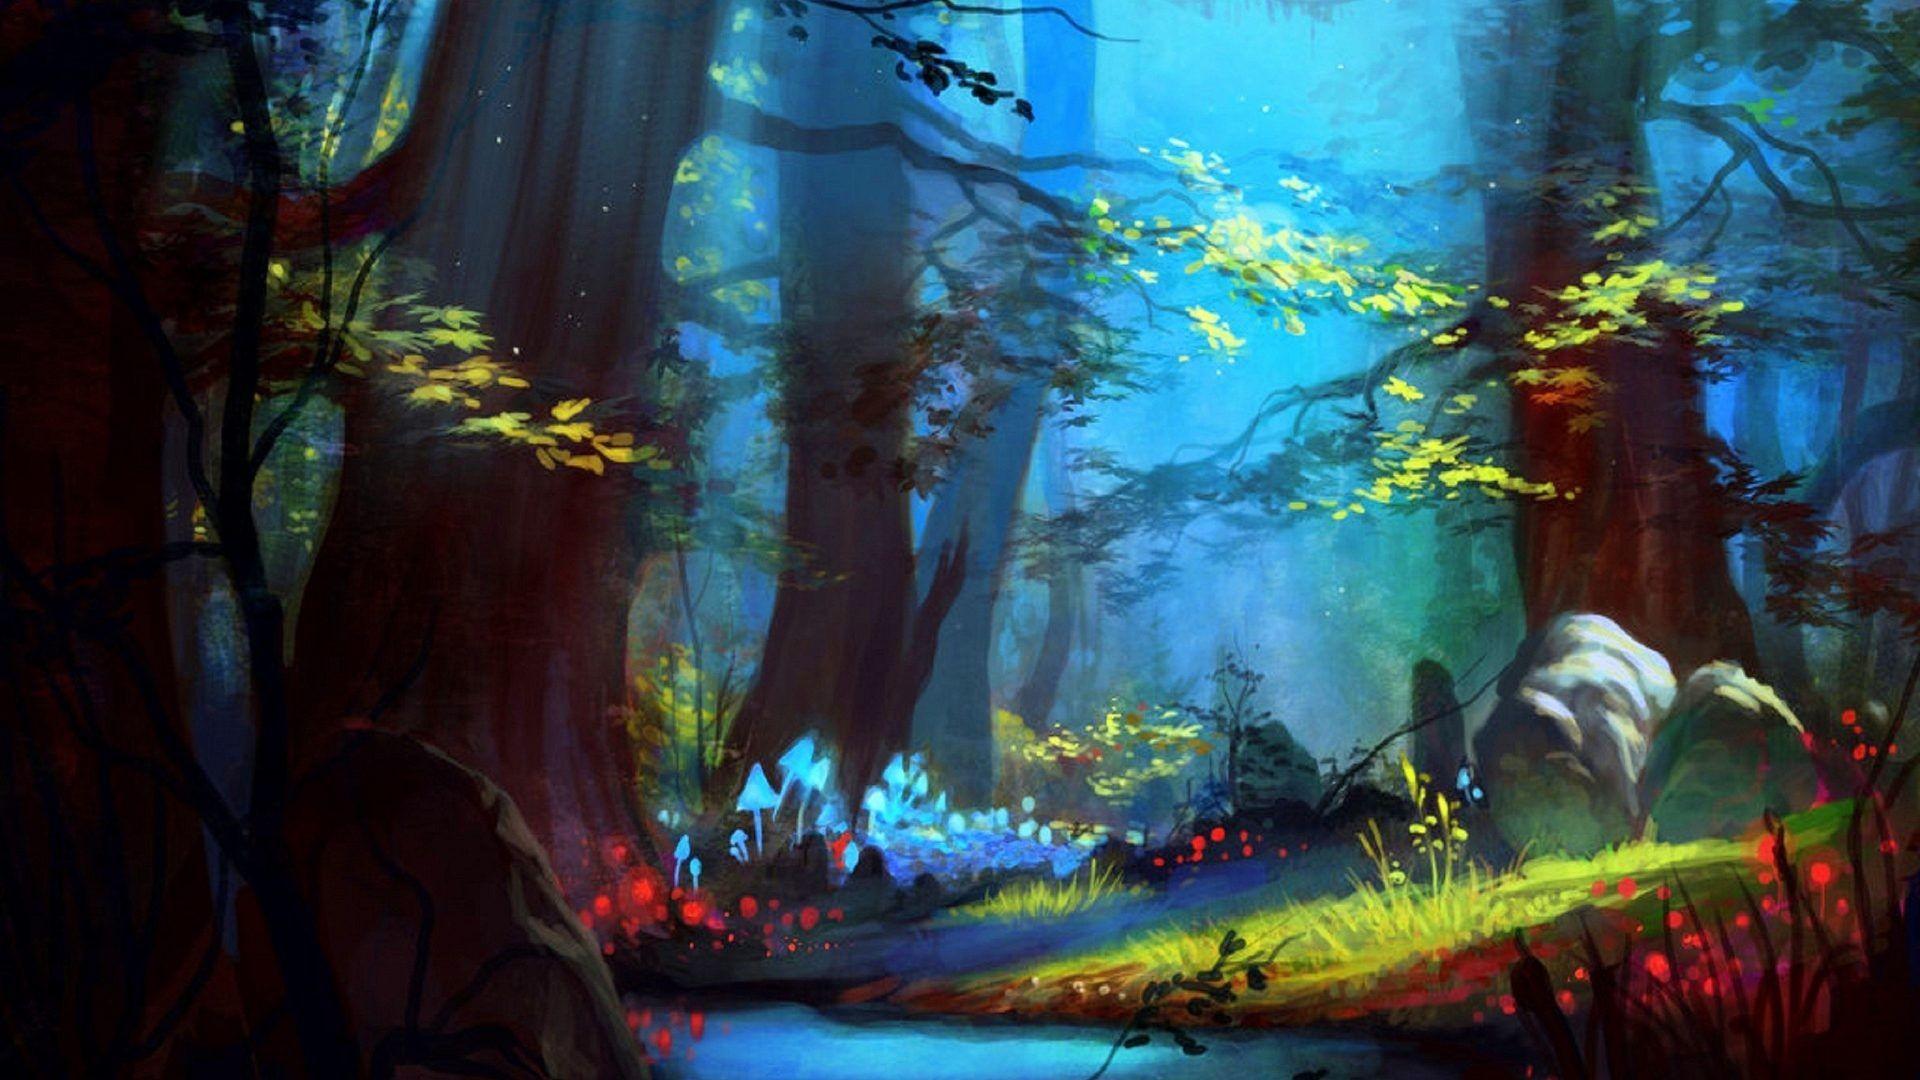 Enchanted Forest Desktop Wallpaper (78+ images)